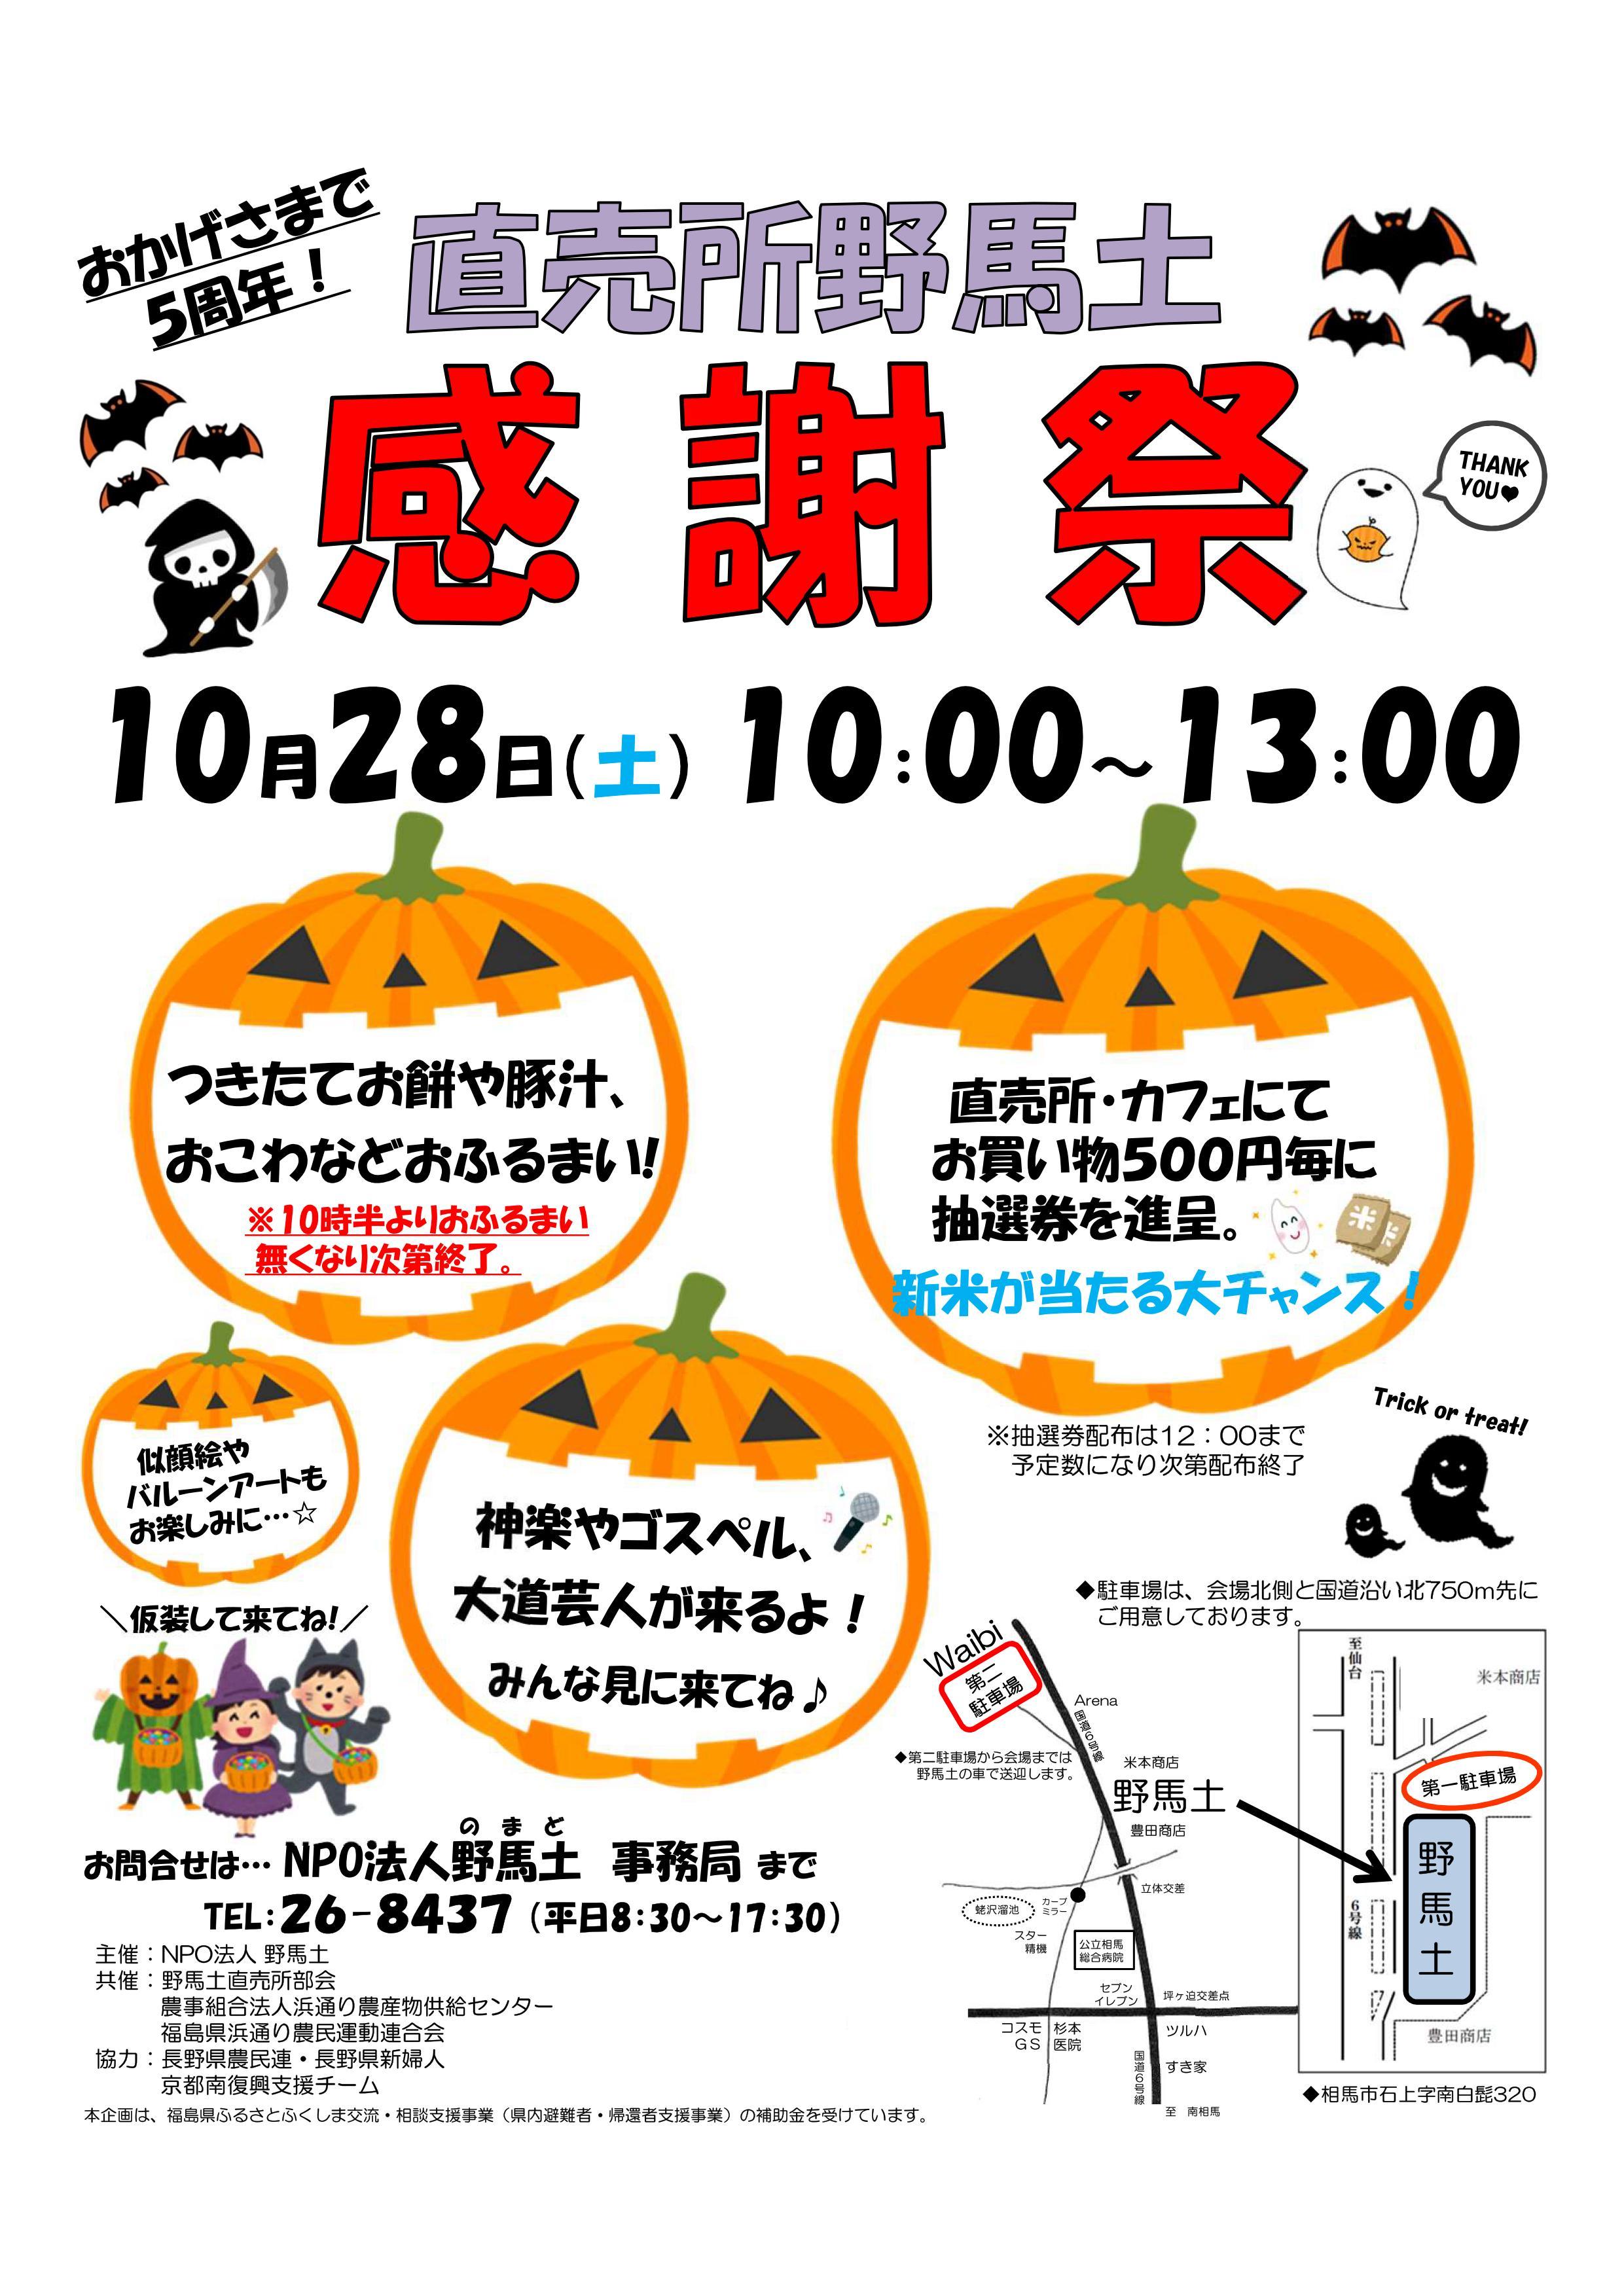 2017.10.28直売所野馬土感謝祭